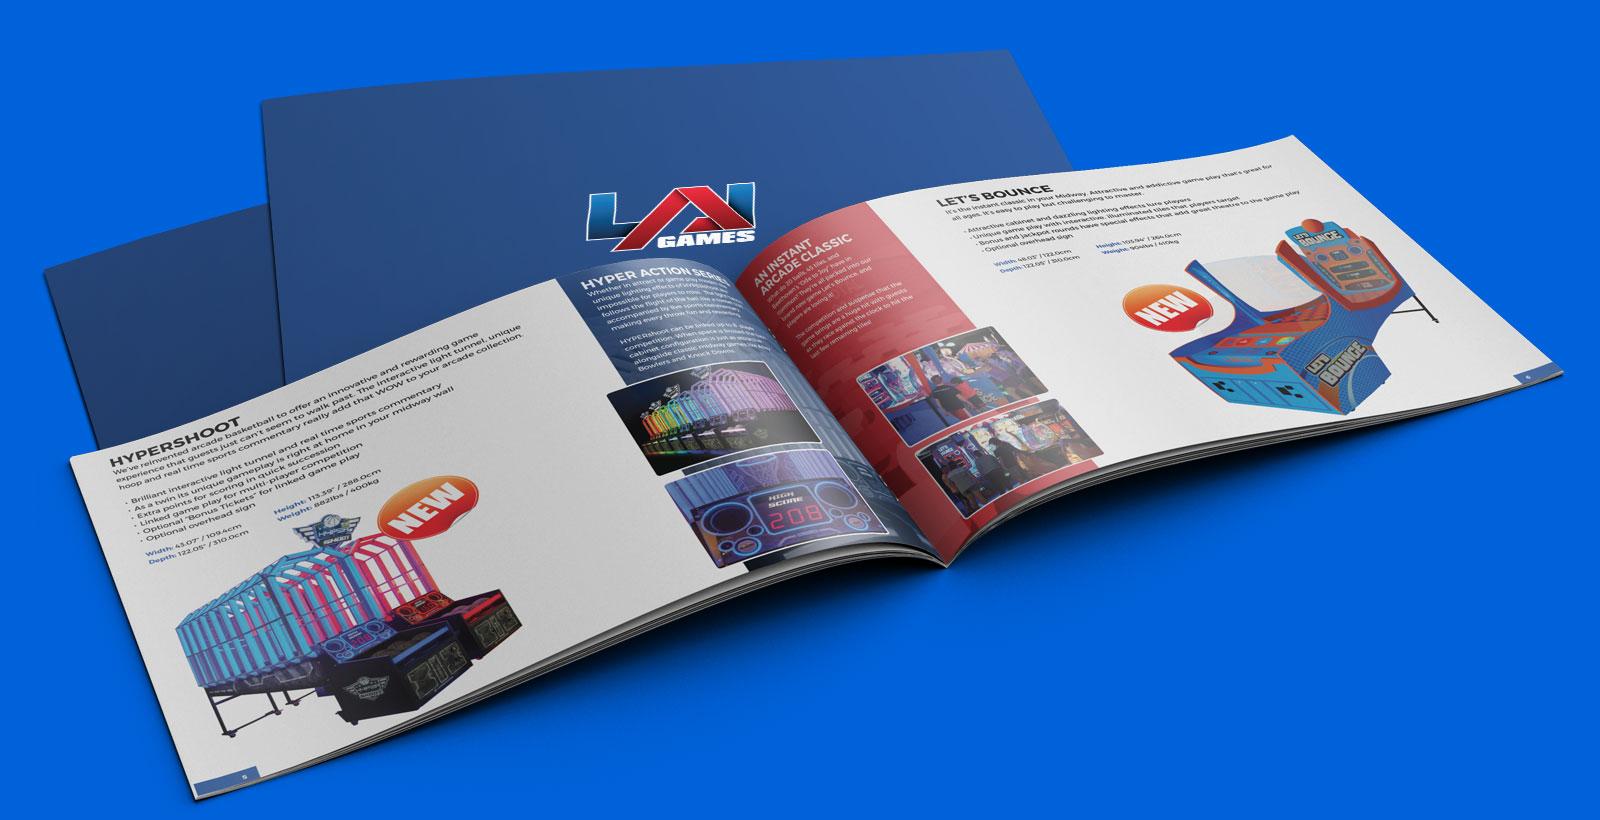 LAI Games Catalog